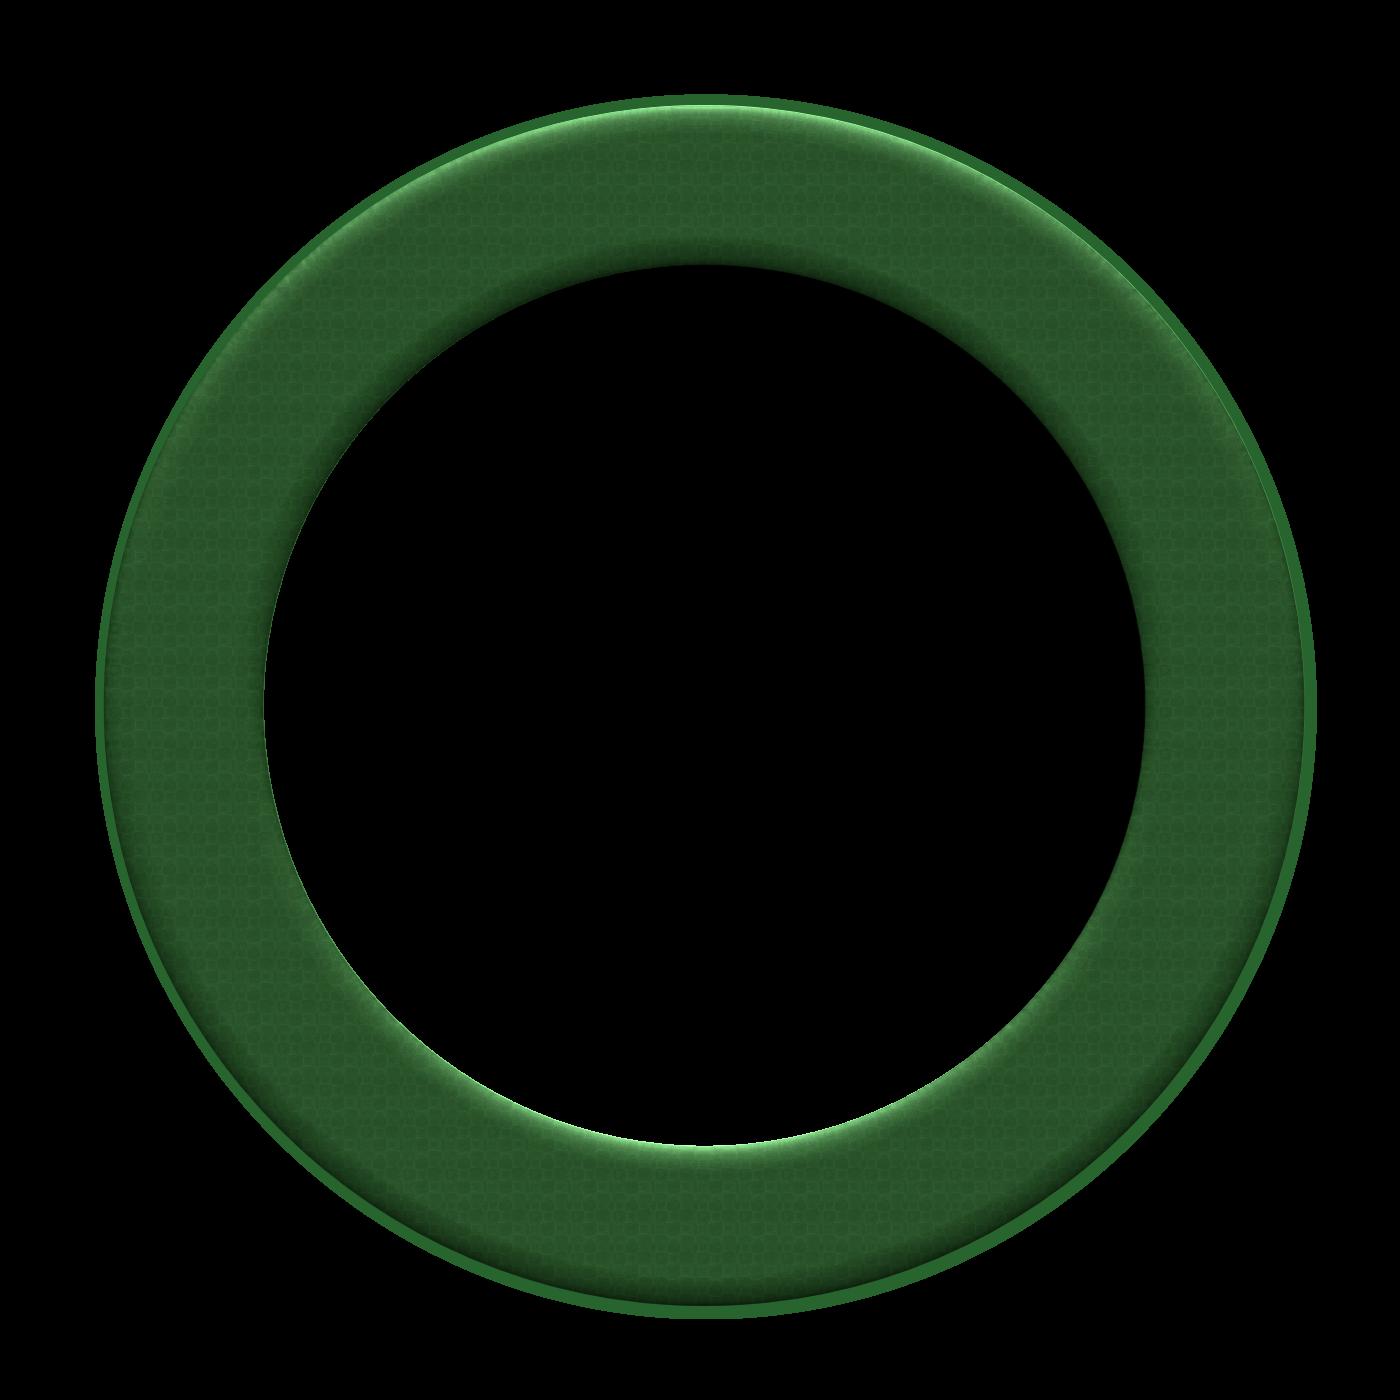 Free Circle Free Download Transparent clip art free large